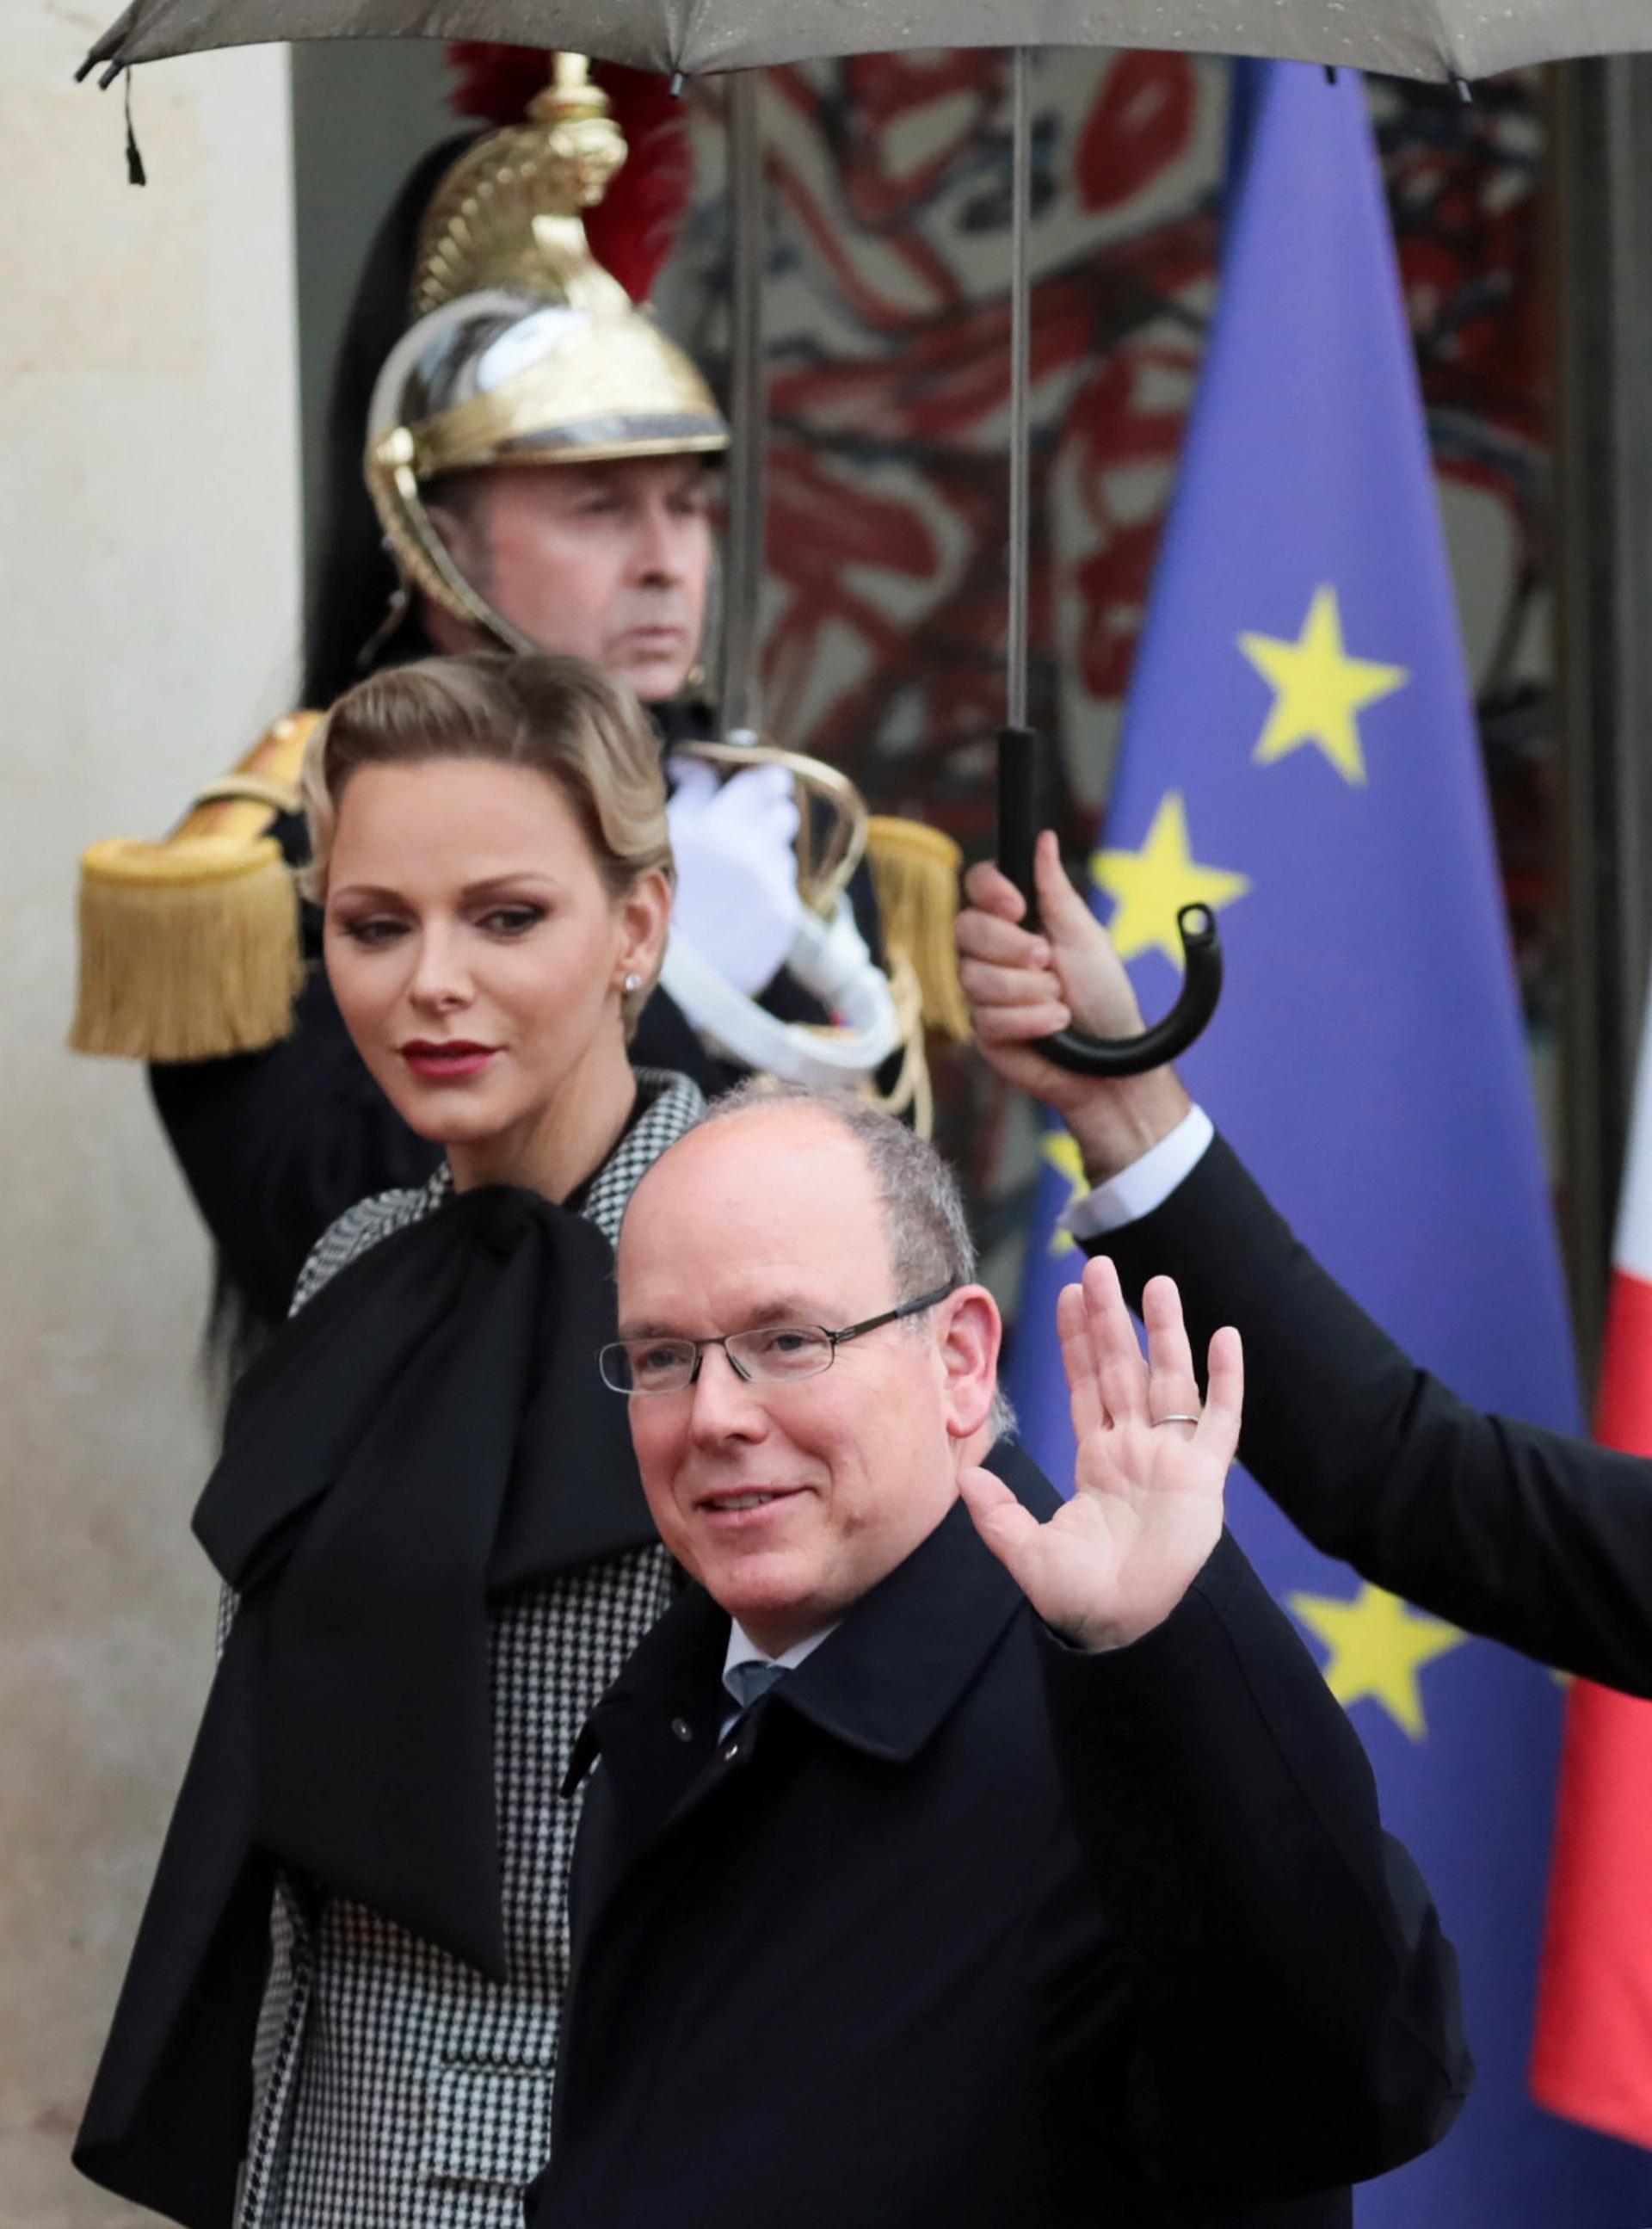 Alberto y Charlene saludan a los franceses que se acercaron a conocerlos y tomarles fotografías